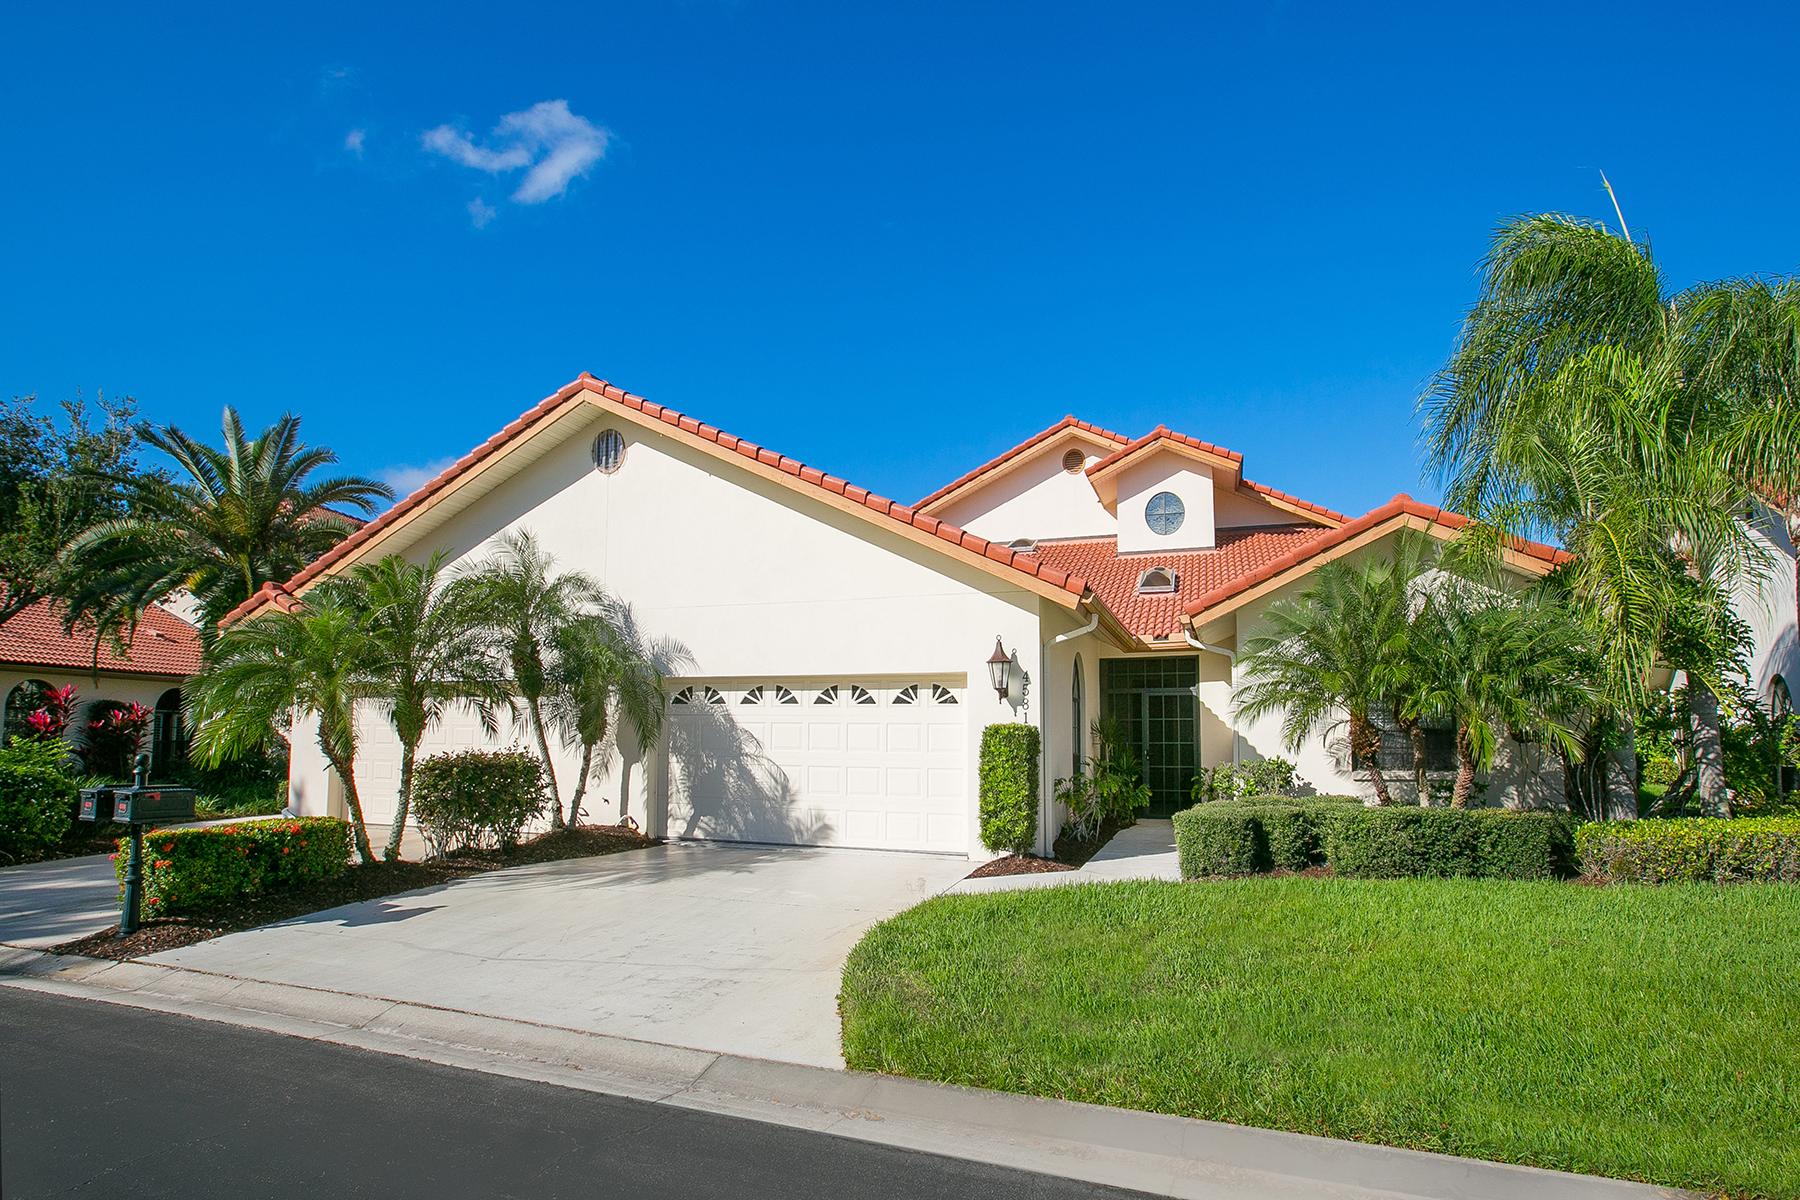 Casa para uma família para Venda às VILLA D'ESTE 4581 Las Brisas Ln Sarasota, Florida, 34238 Estados Unidos